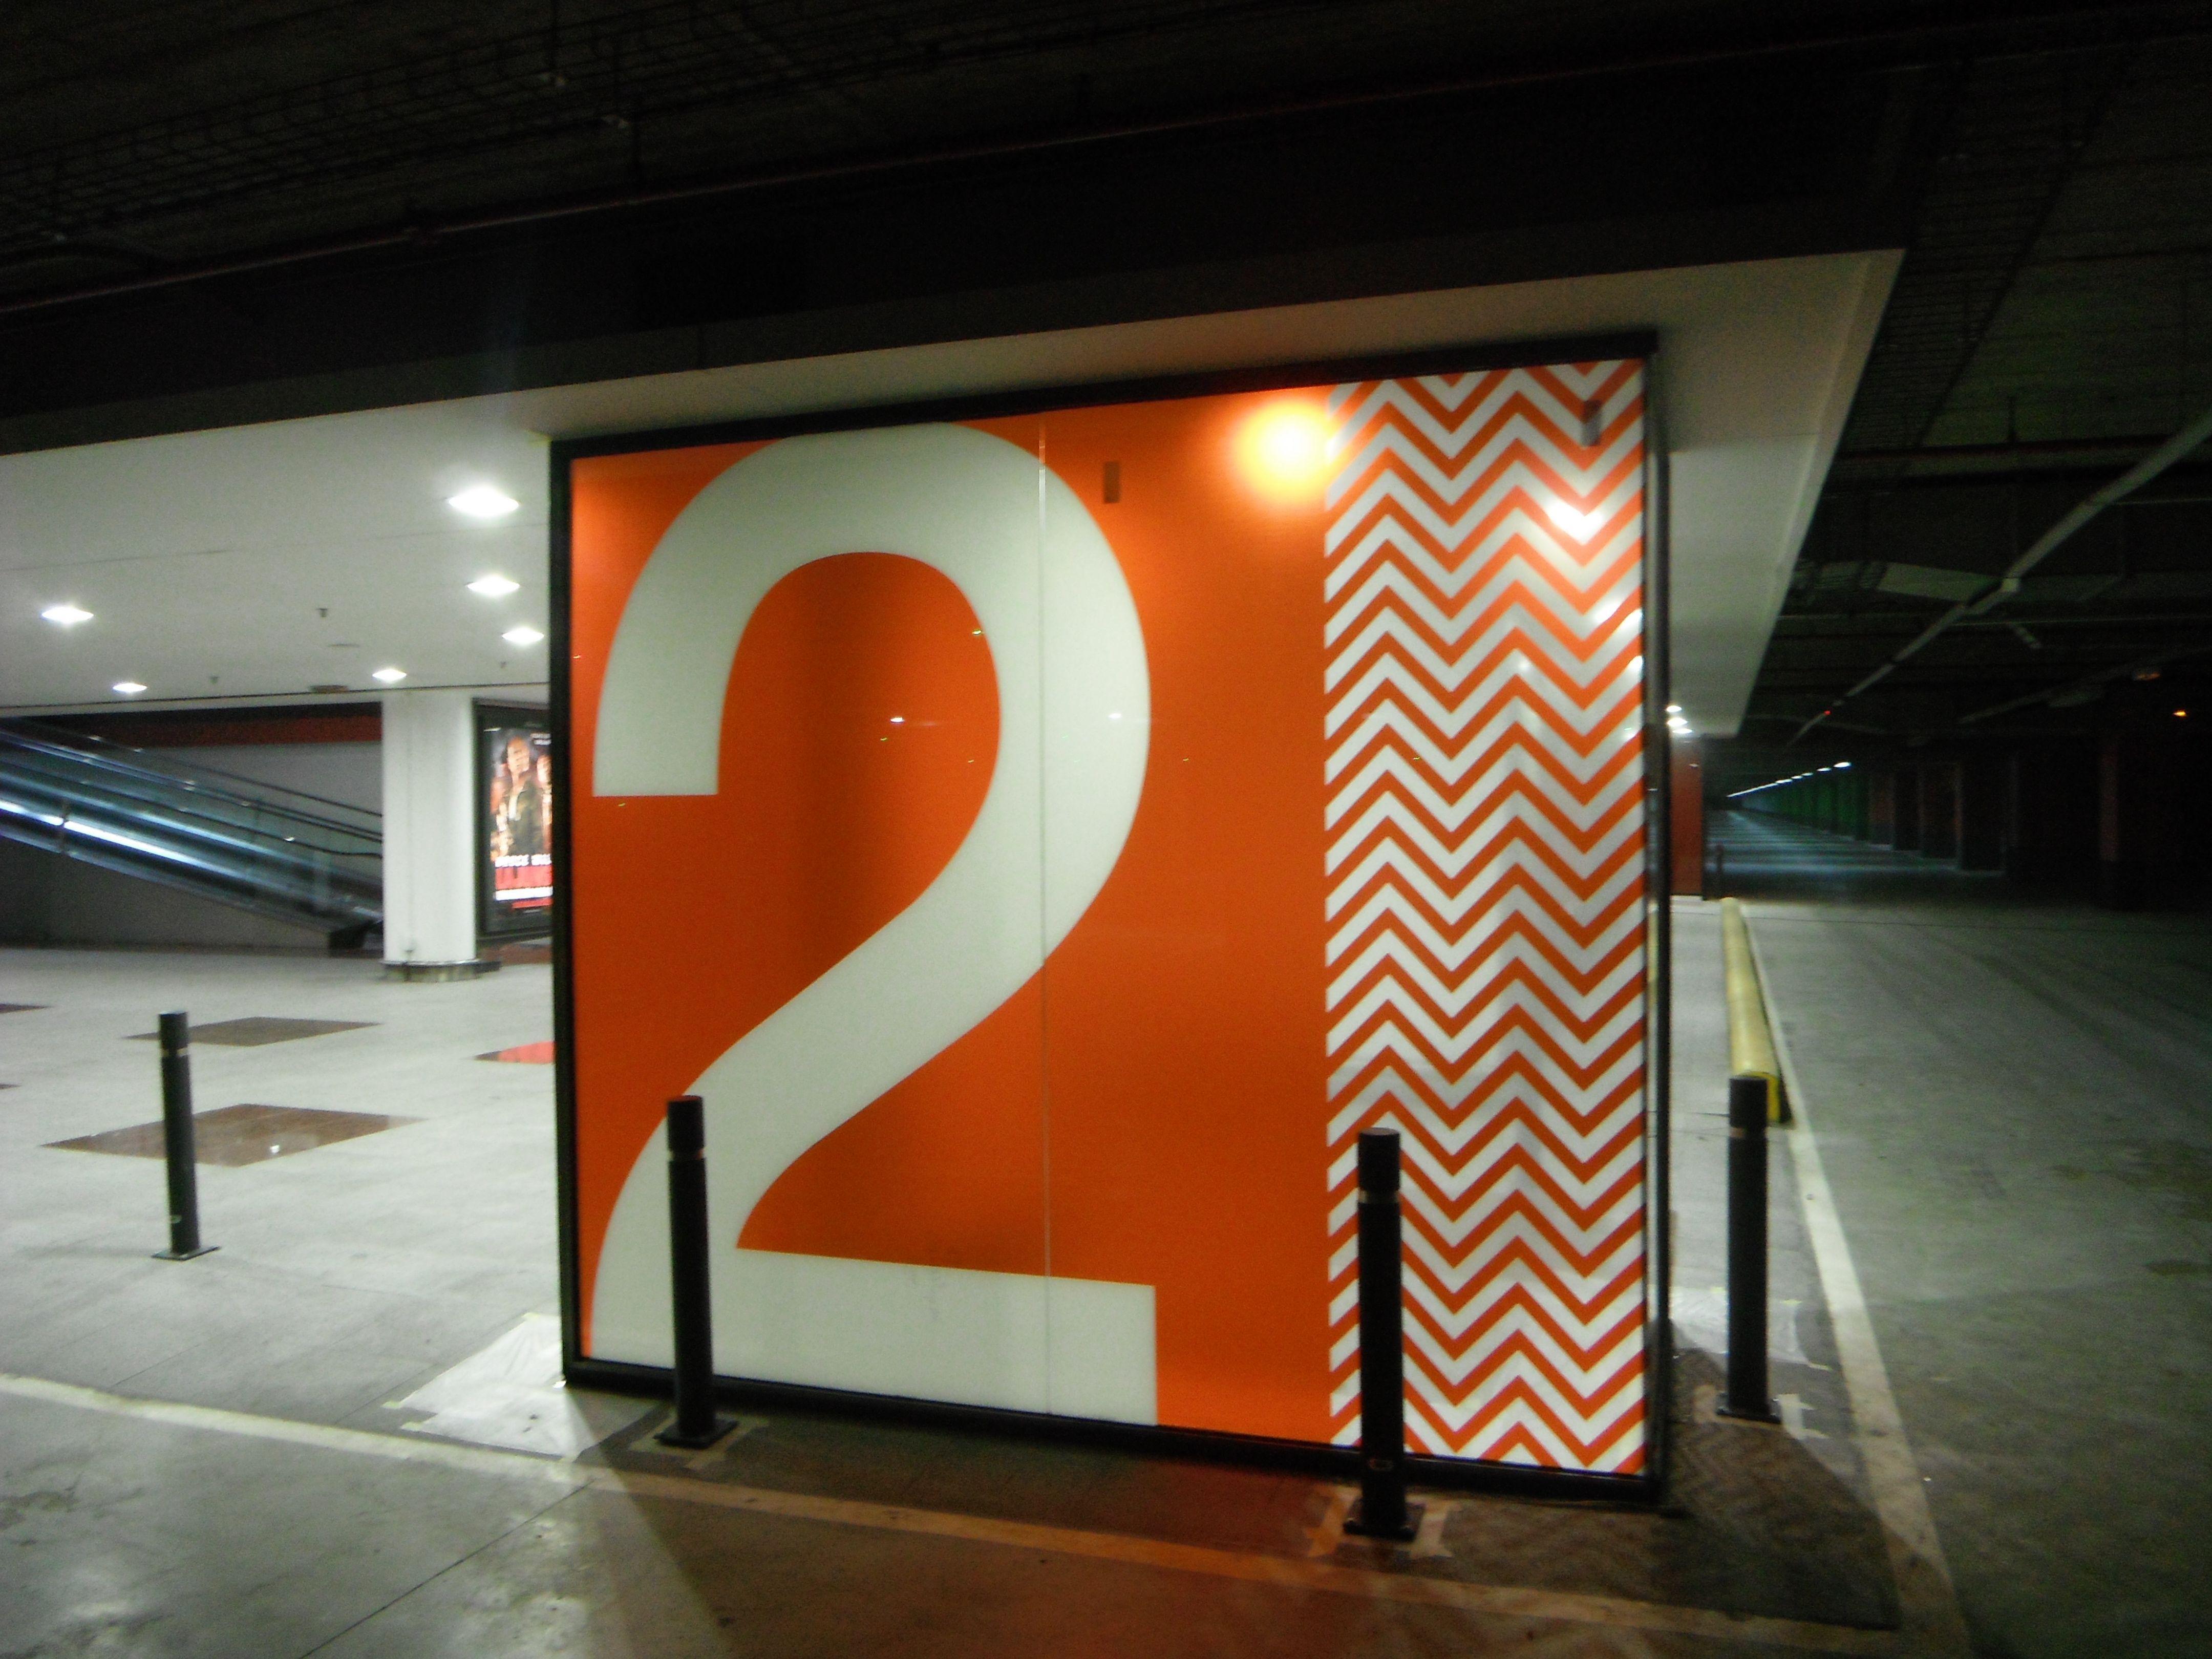 Rotulaci n de vinilos en cristales parking la maquinista for La maquinista parking